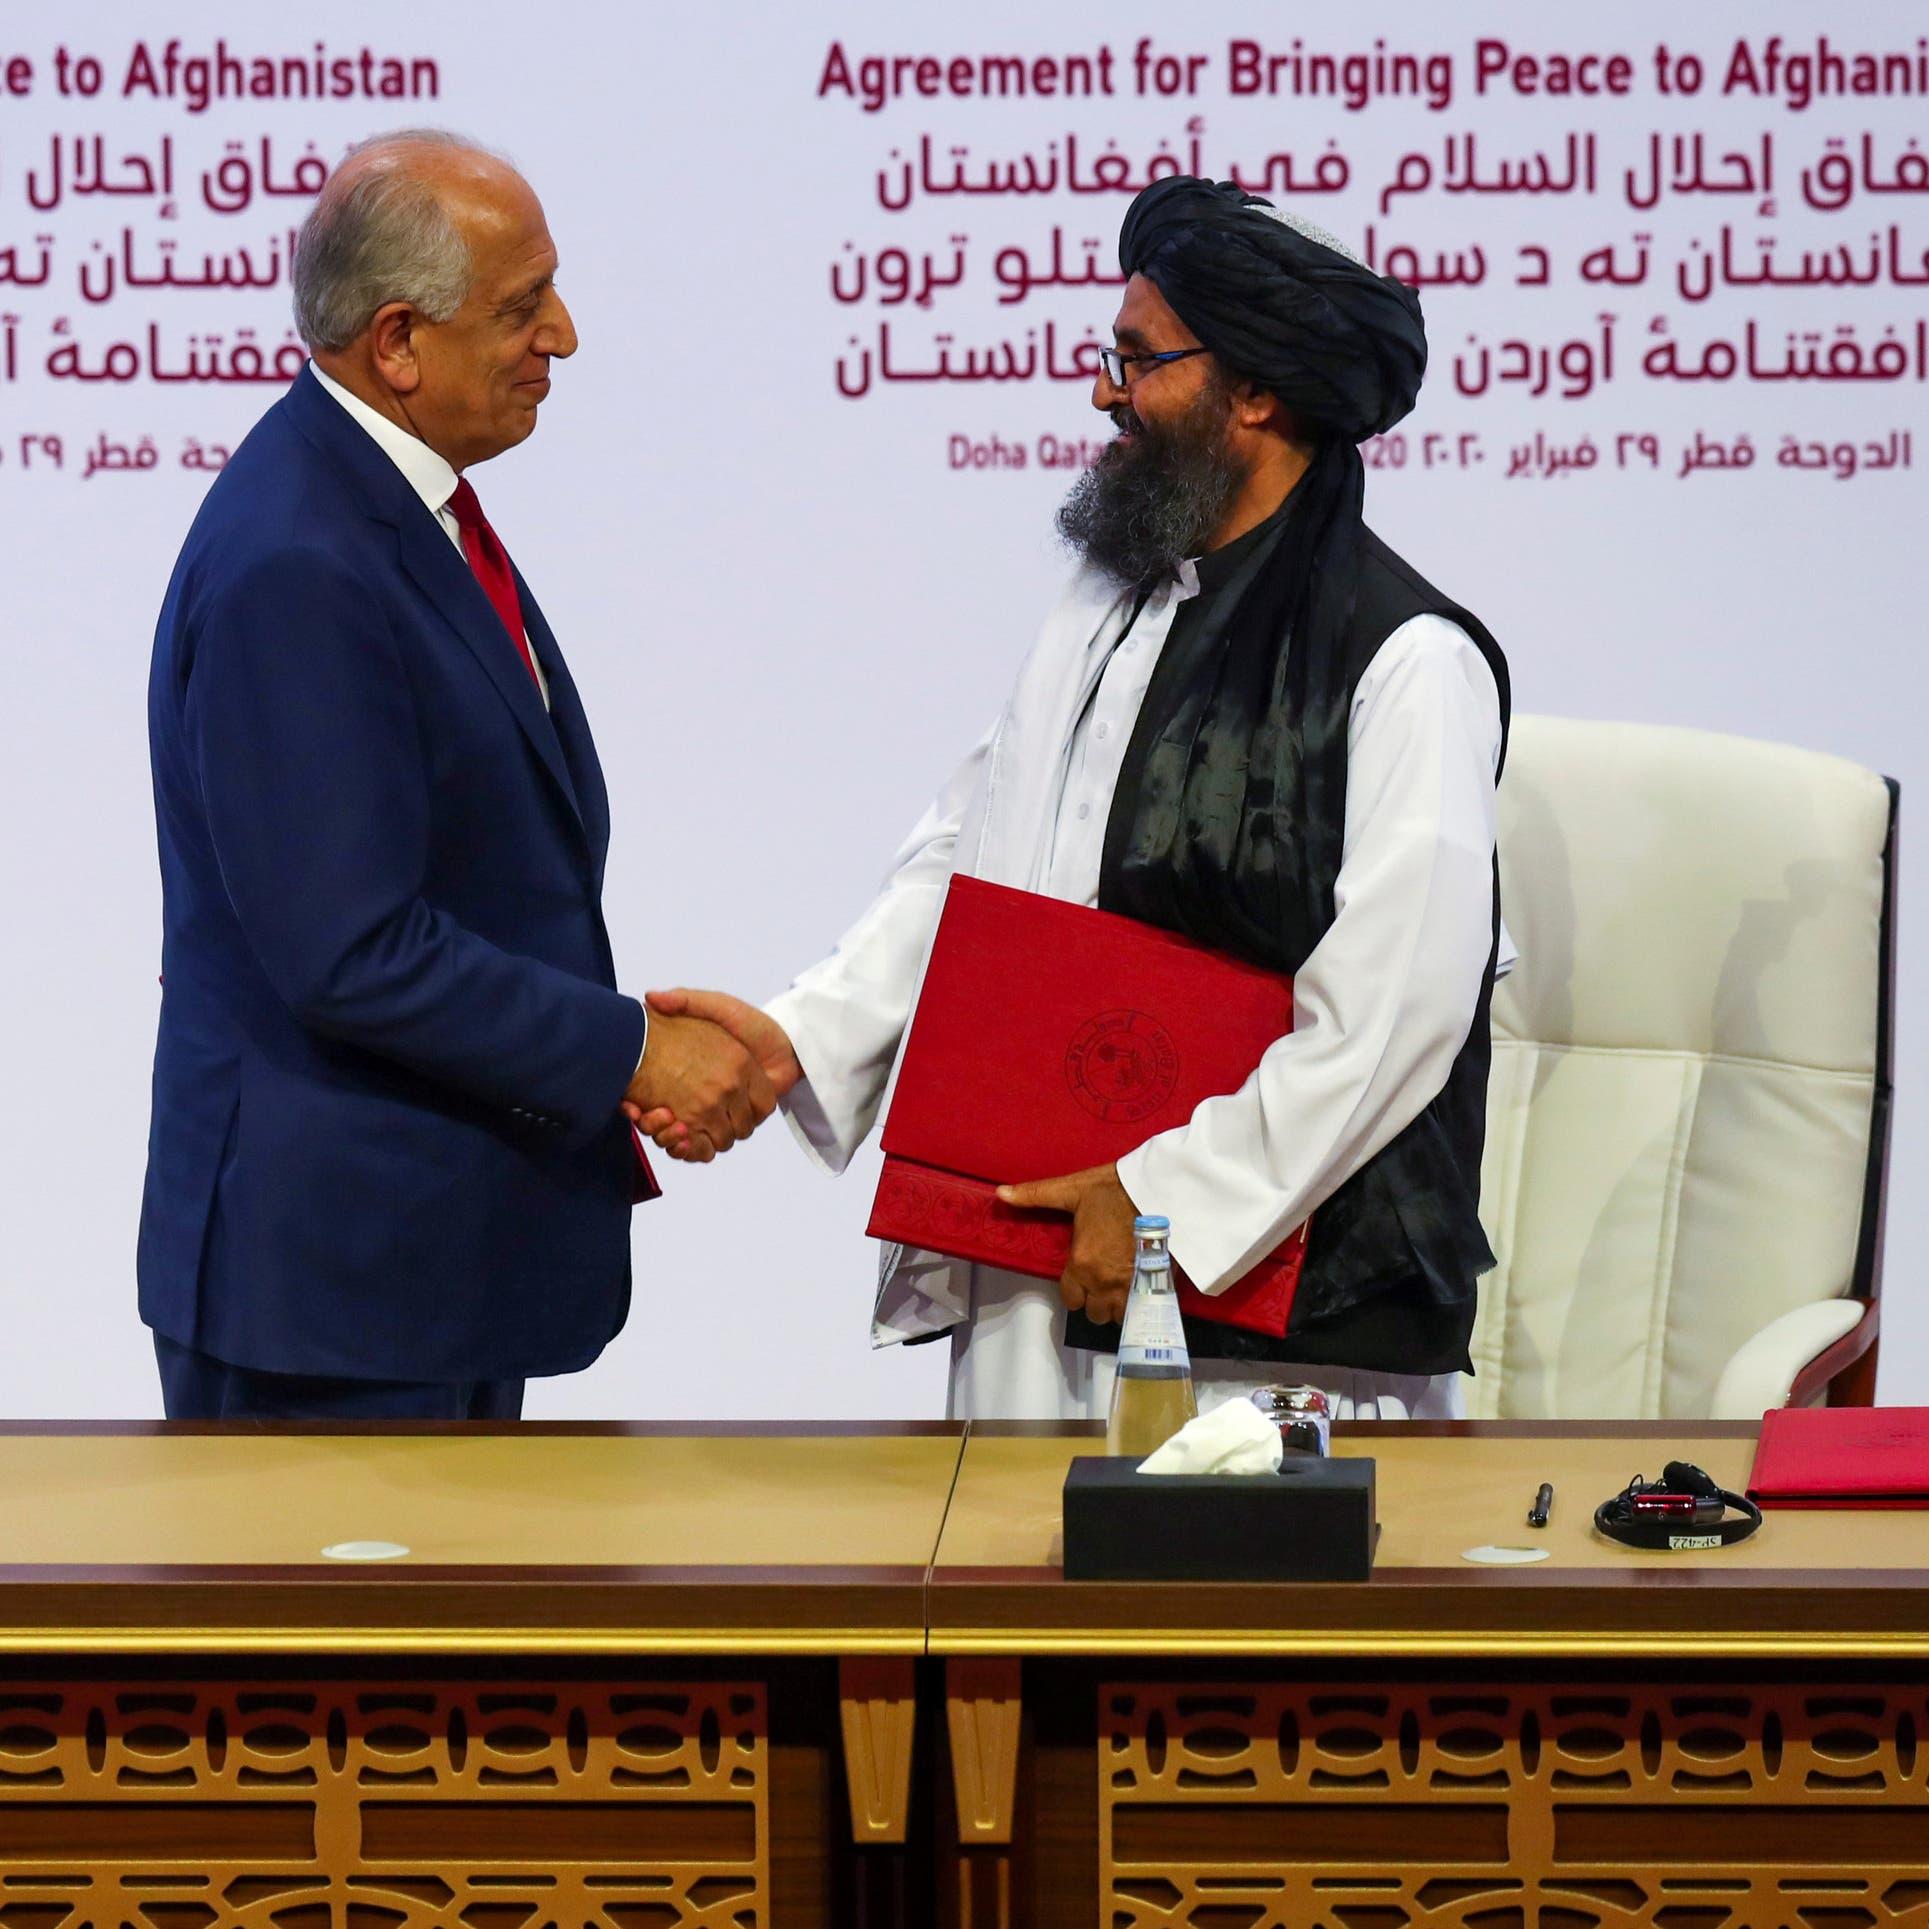 اتفاق سلام الدوحة.. ما الذي وقعته طالبان مع الأميركان؟